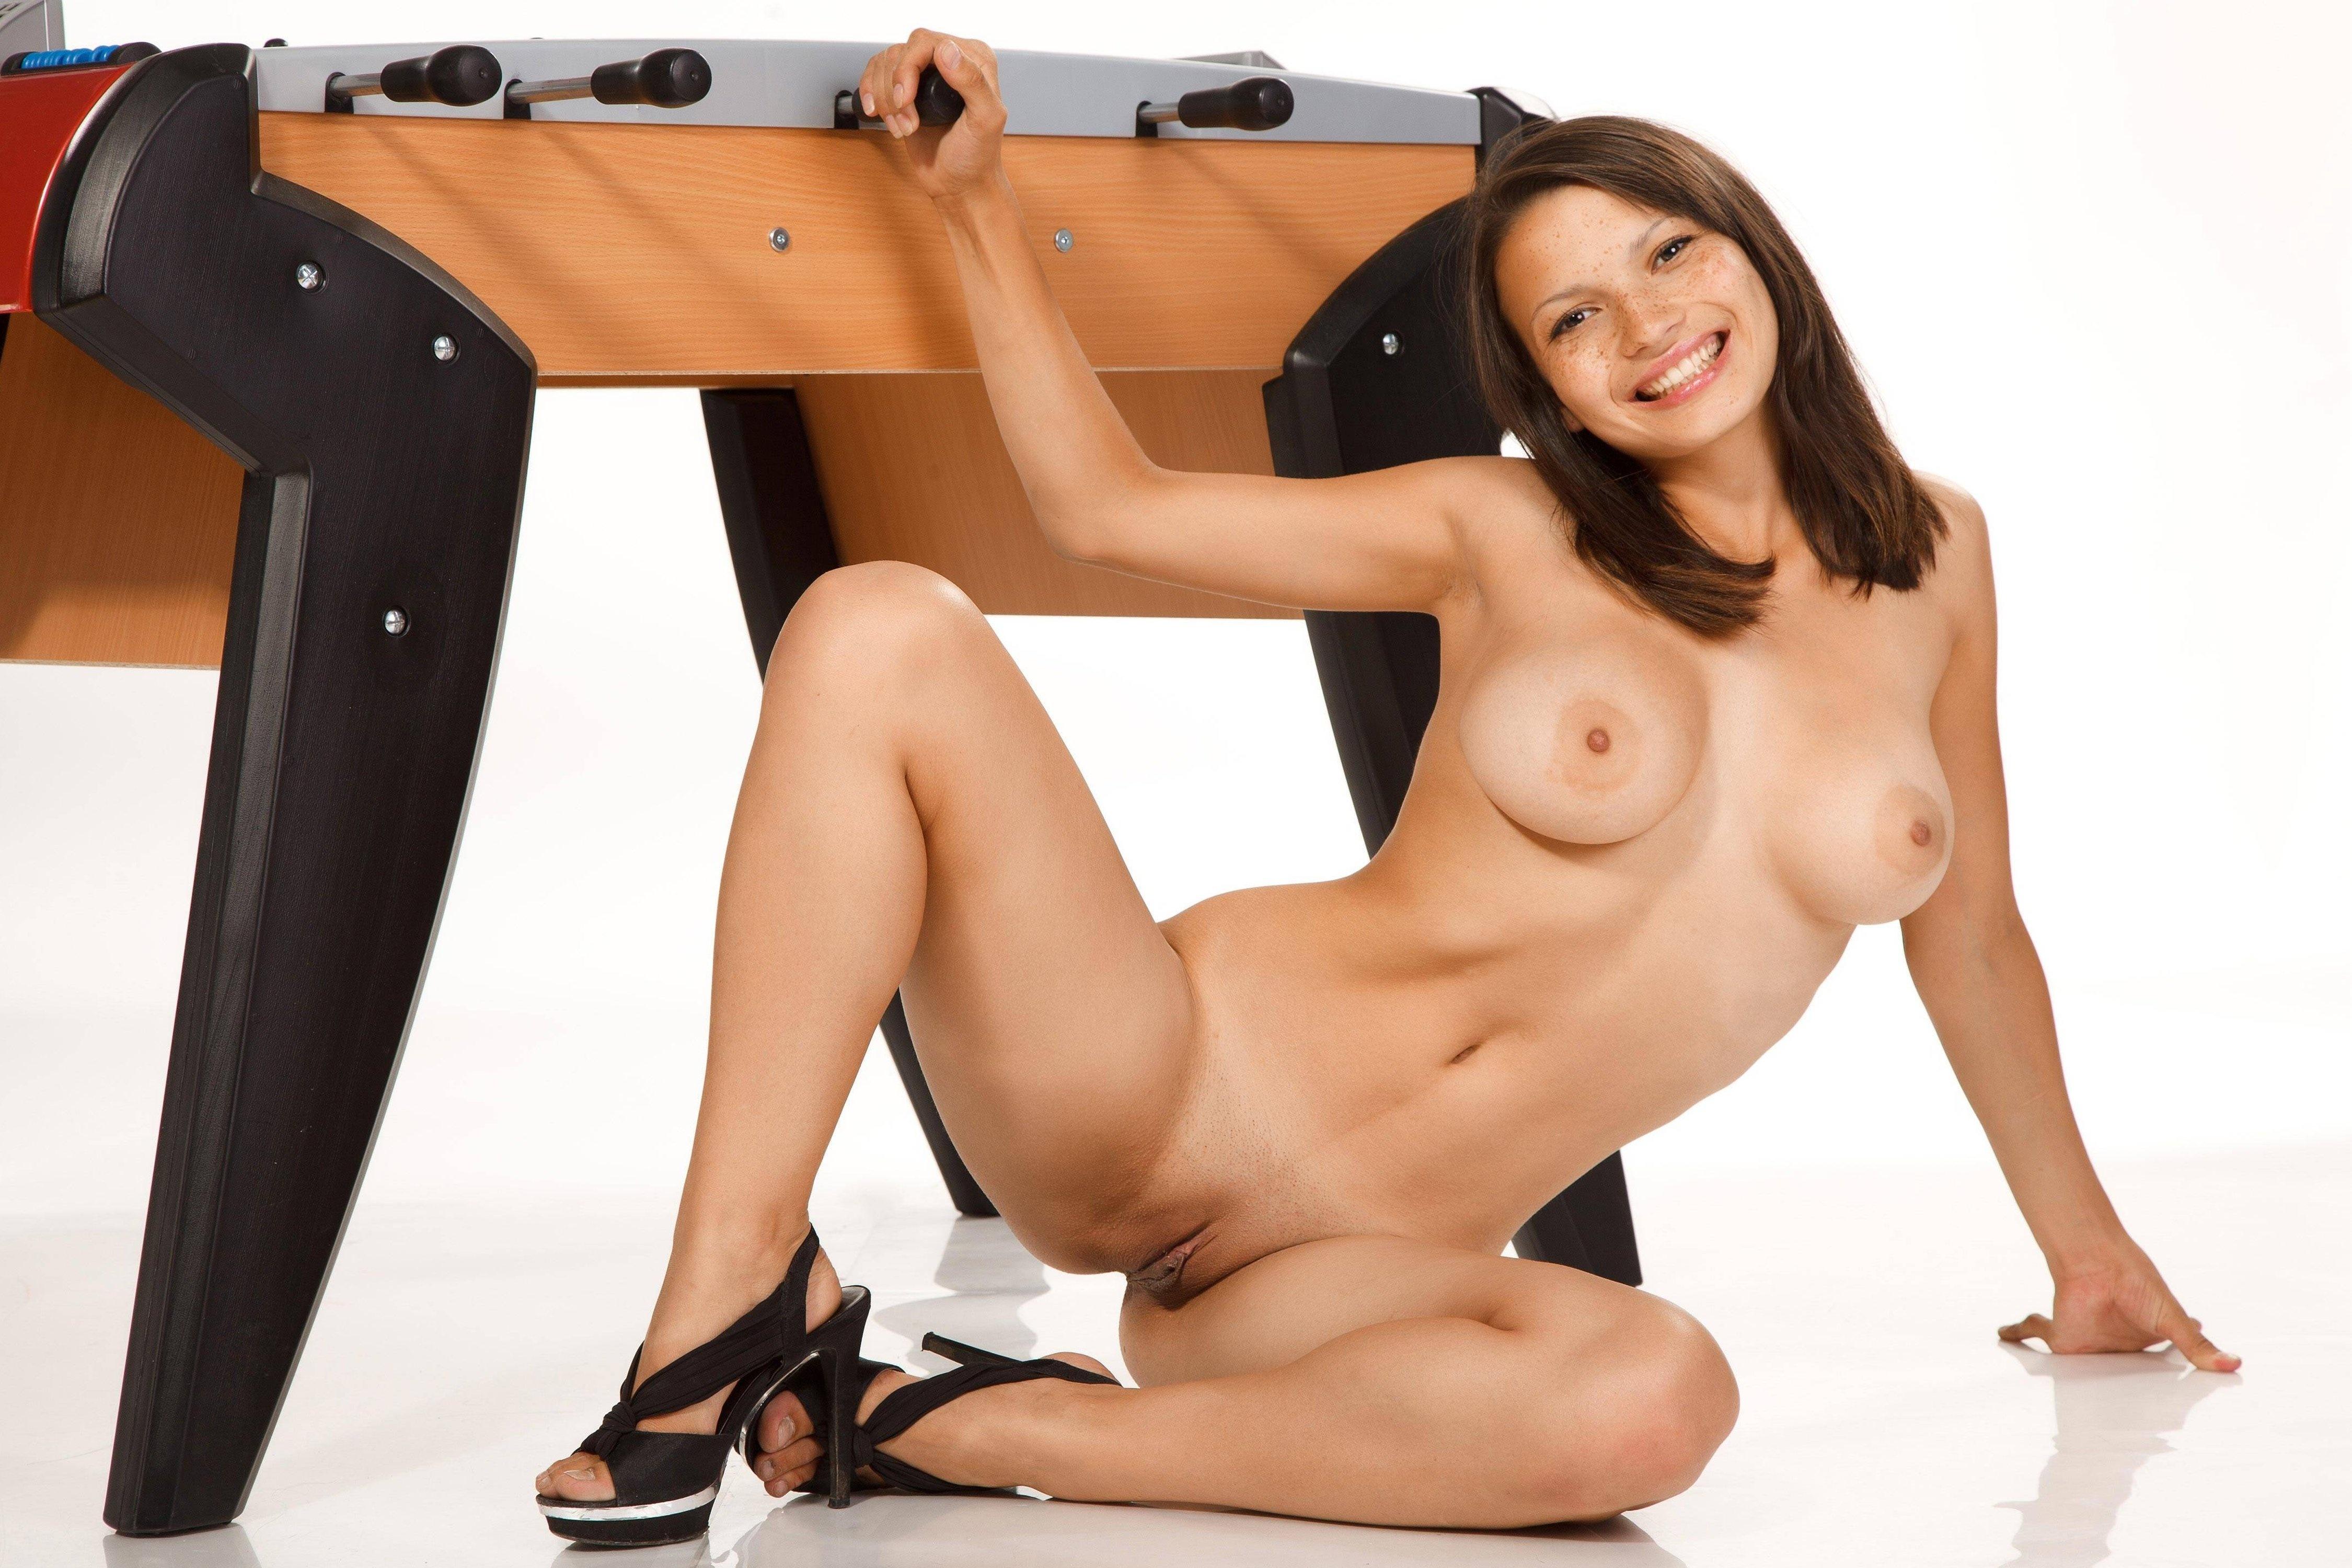 body builder women model booty